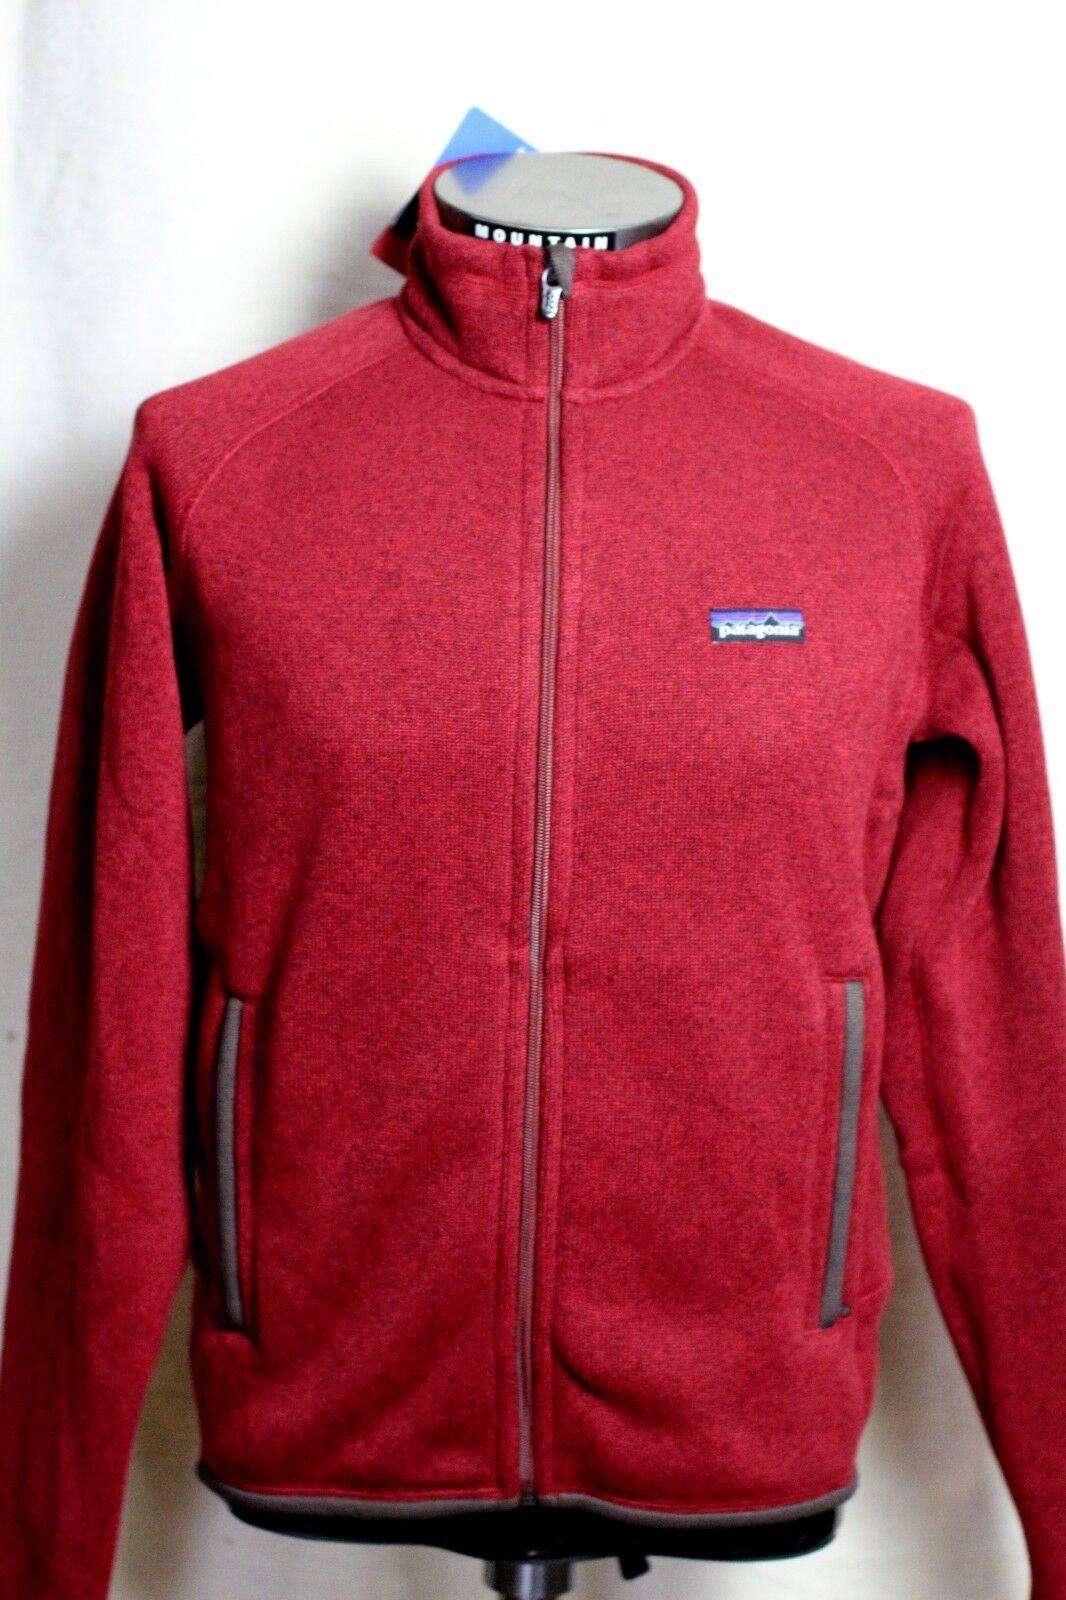 Patagonia Herren Herren Herren Better Sweater  Zip Gr. S 1f9bd3